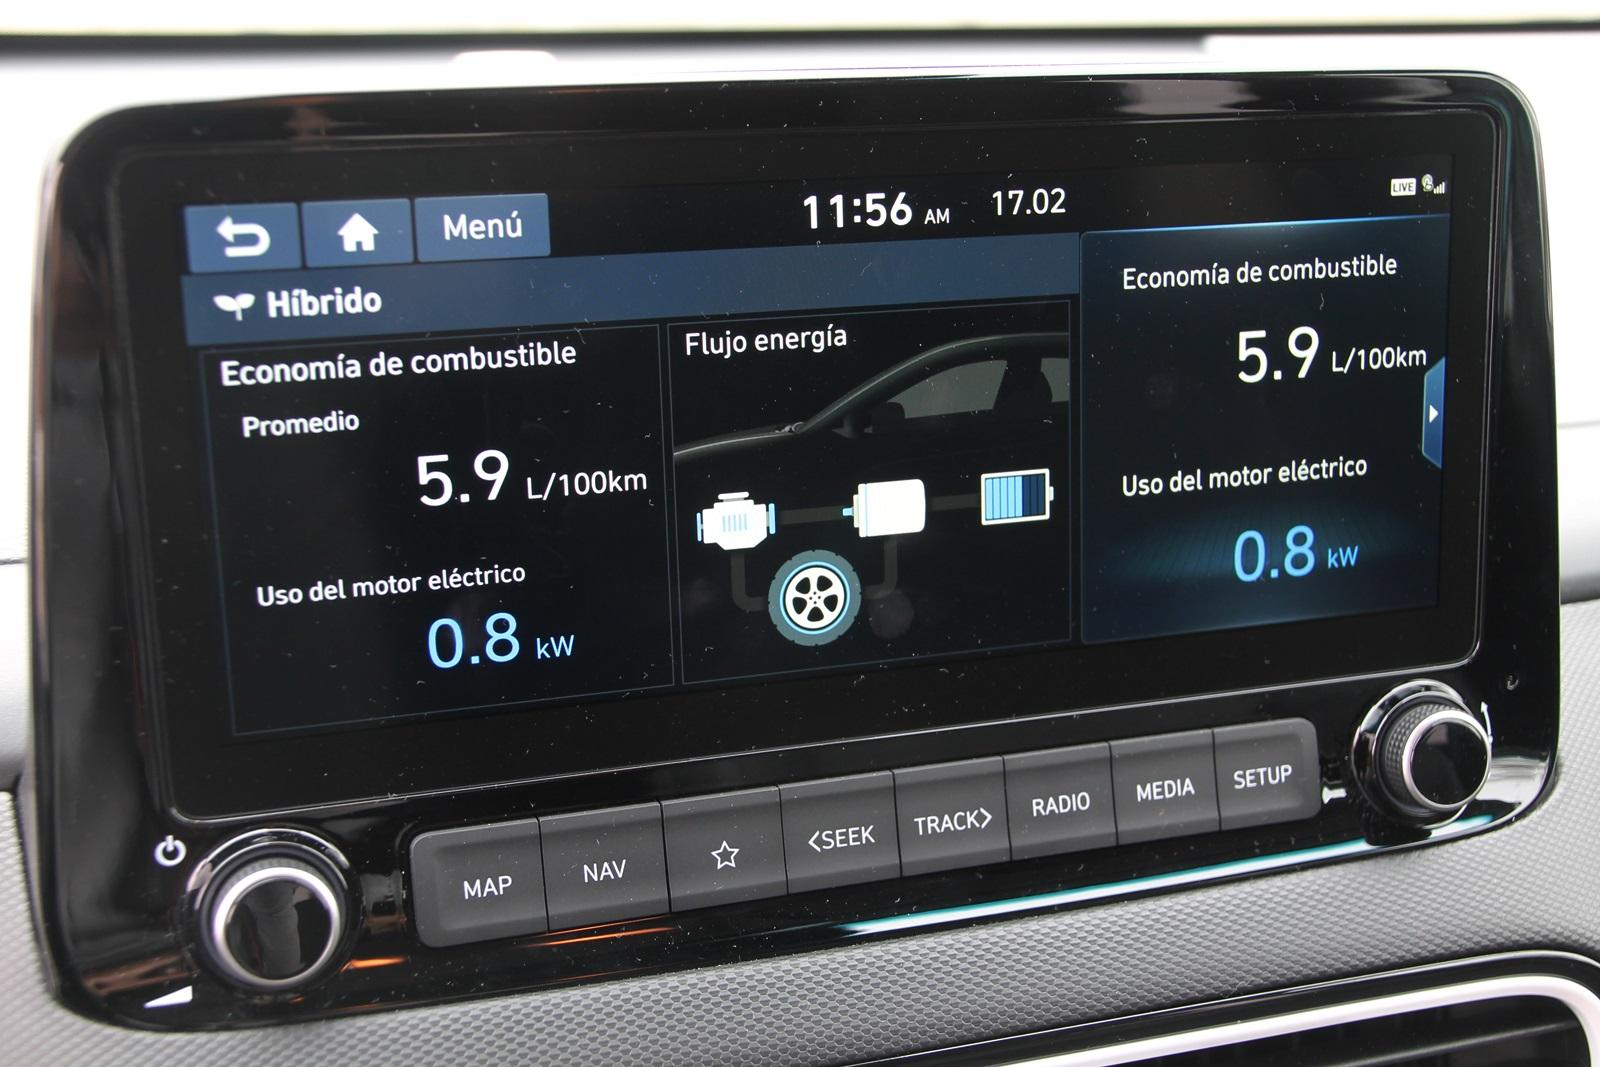 Hyundai Kona Híbrido (23)